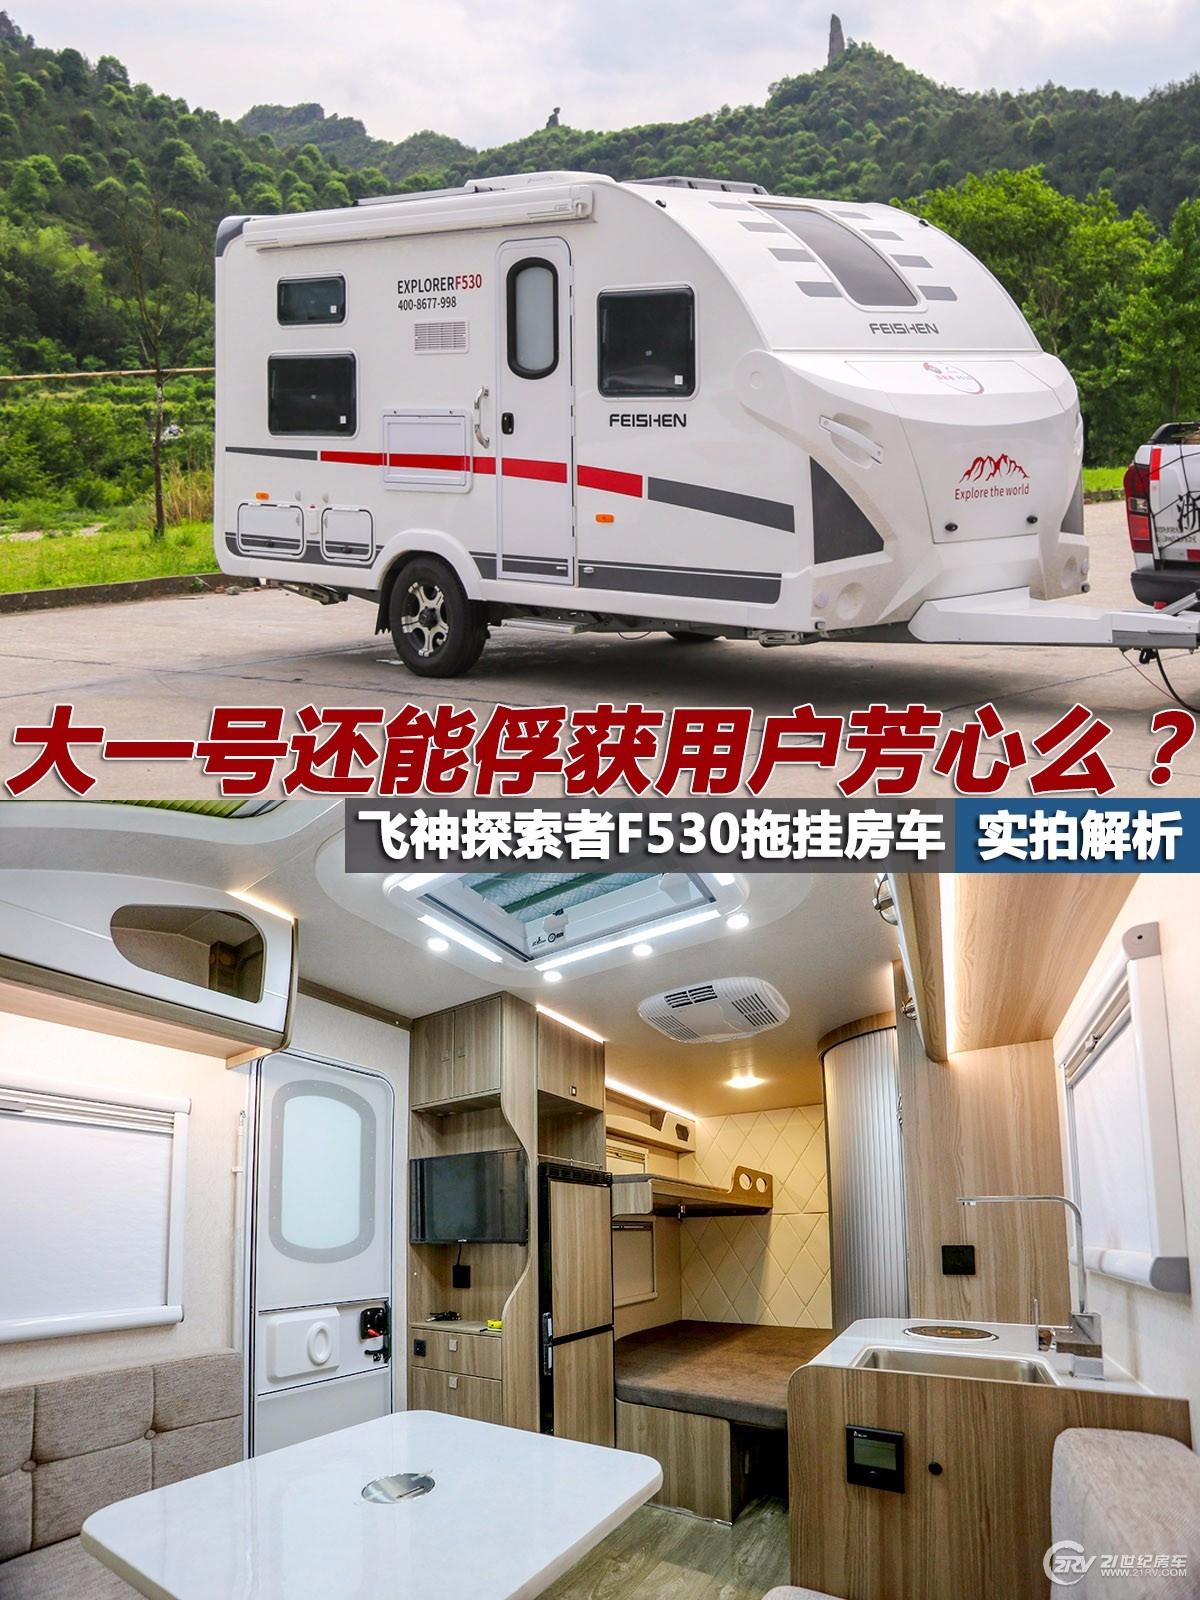 大空间+子母床/欧式设计风格 实拍飞神探索者F530拖挂房车